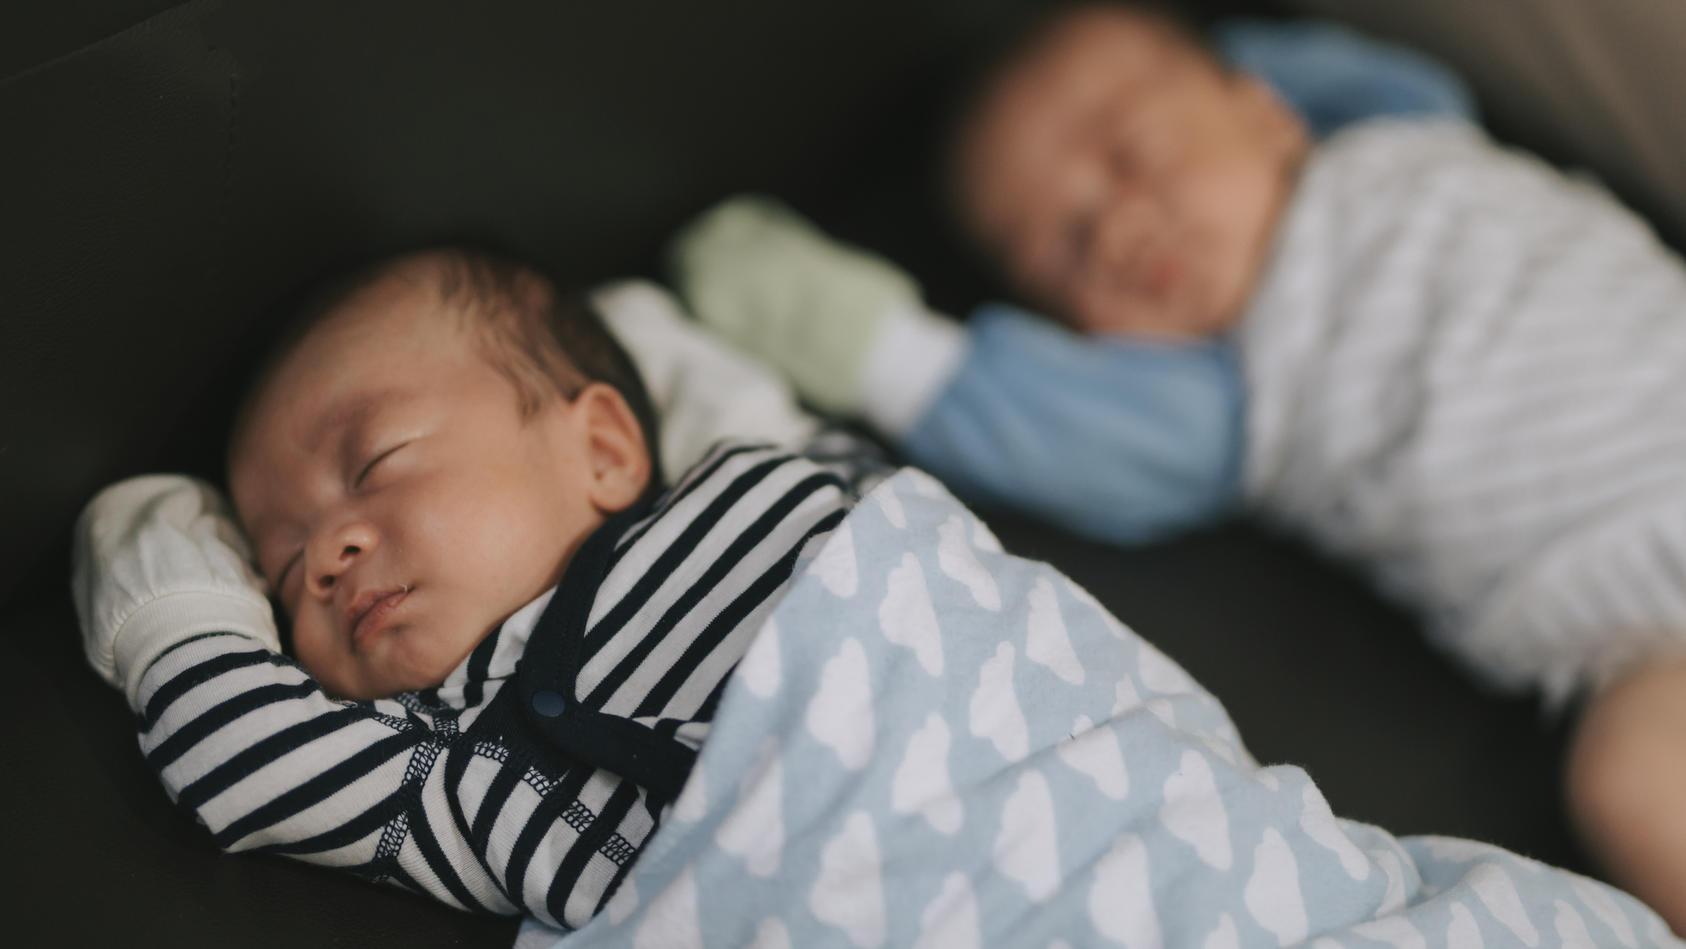 Zwillinge mit unterschiedlichen Vätern kommen nur extrem selten vor.